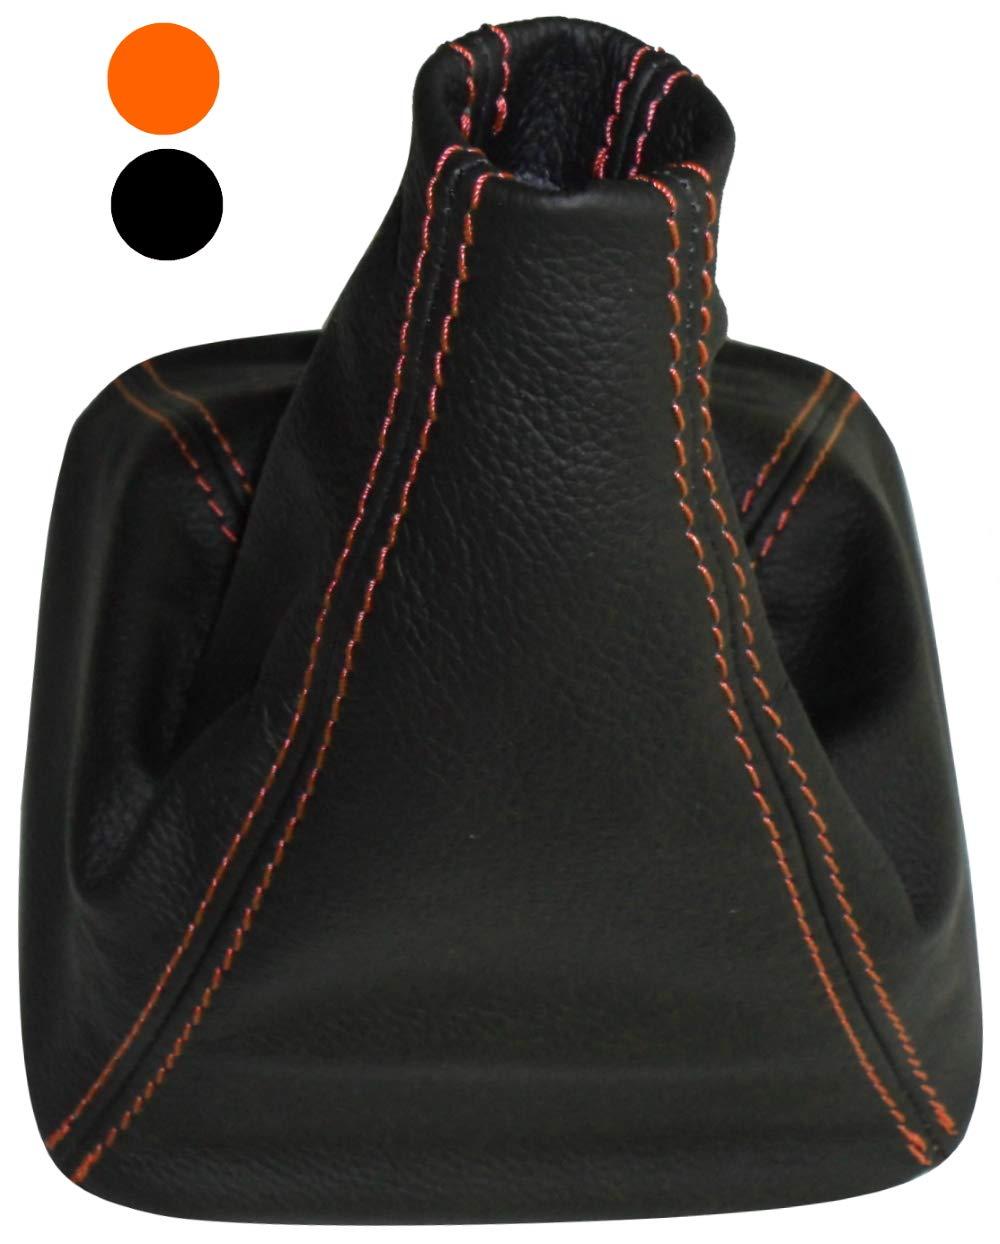 noir avec surpiq/ûres noires AERZETIX Soufflet de levier de vitesse en 100/% cuir v/éritable avec couture//surpiq/ûres couleurs variables